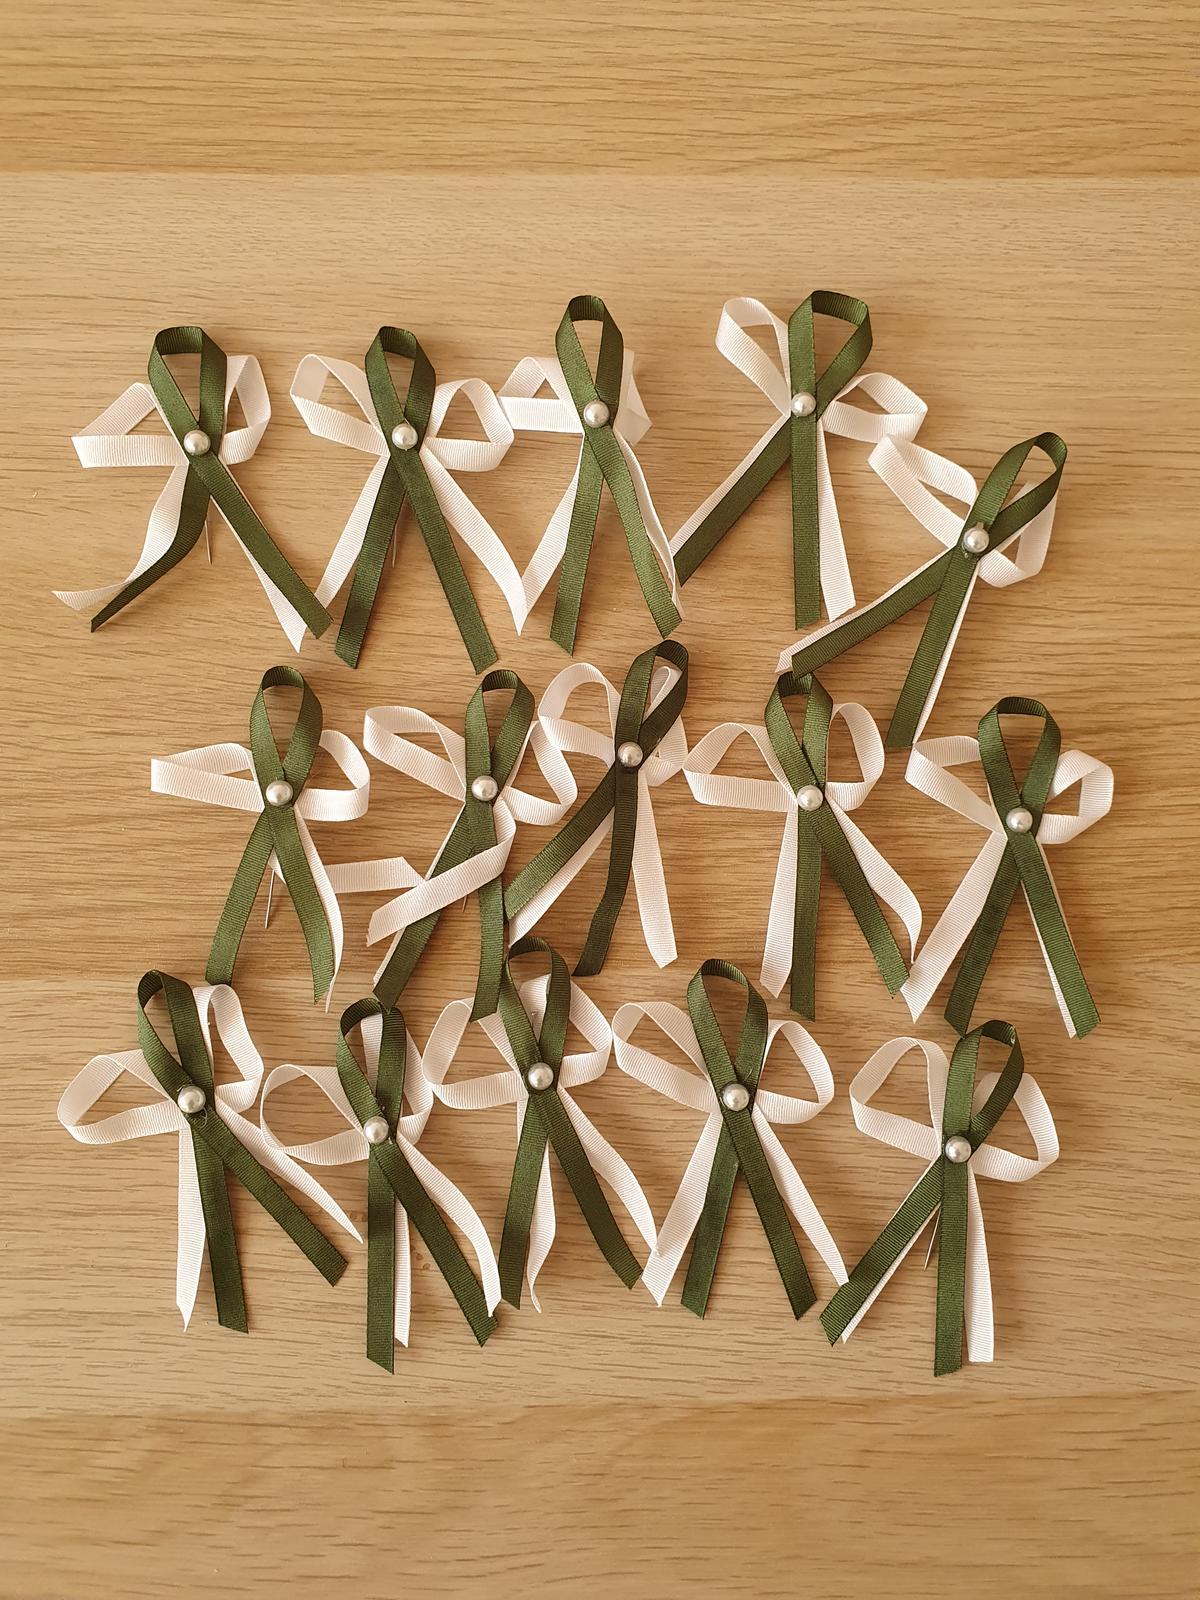 Zelenobílé vývazky 15 ks se špendlíky - Obrázek č. 1